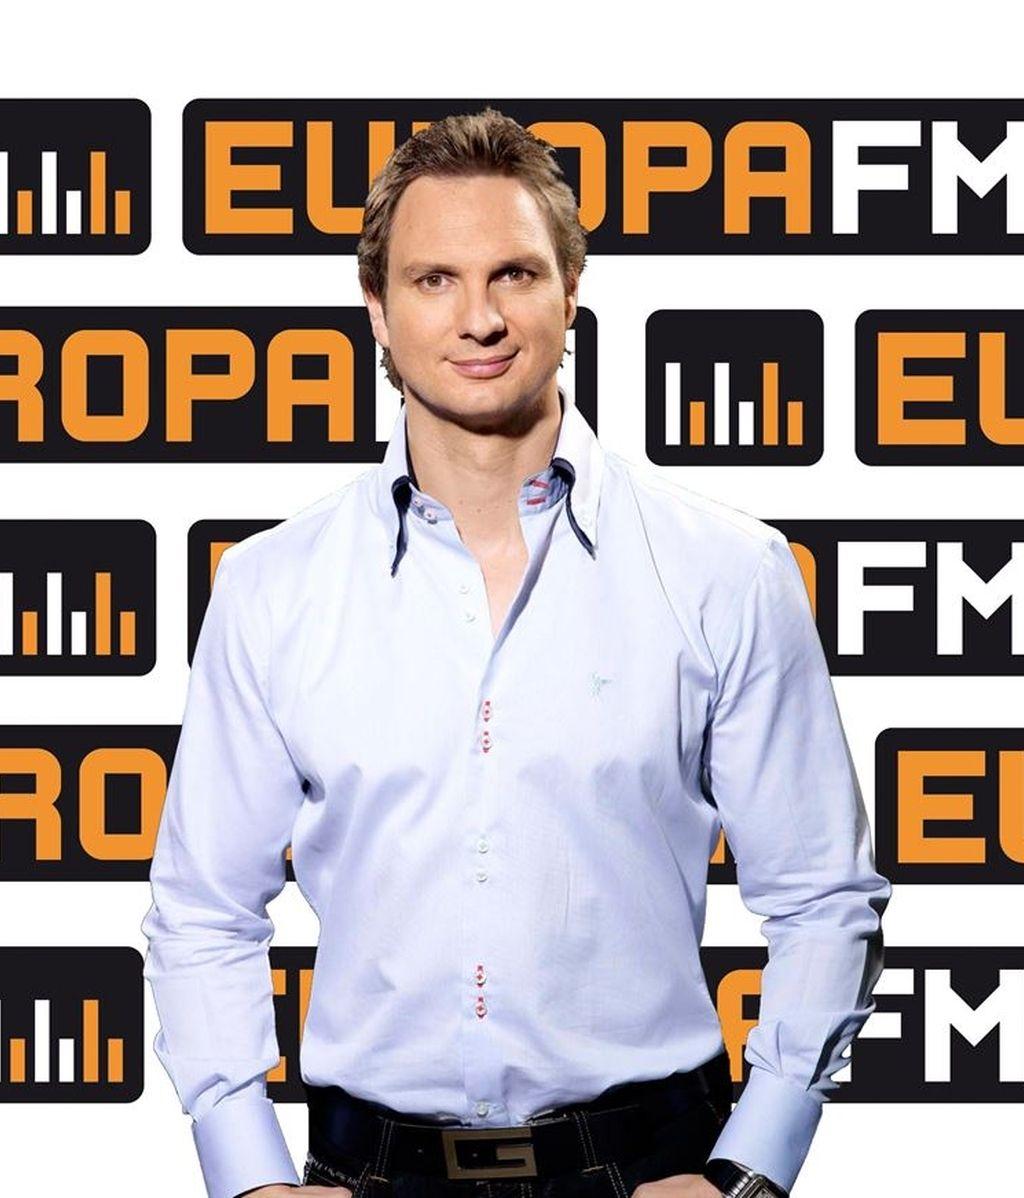 Javier Cárdenas en Europa FM